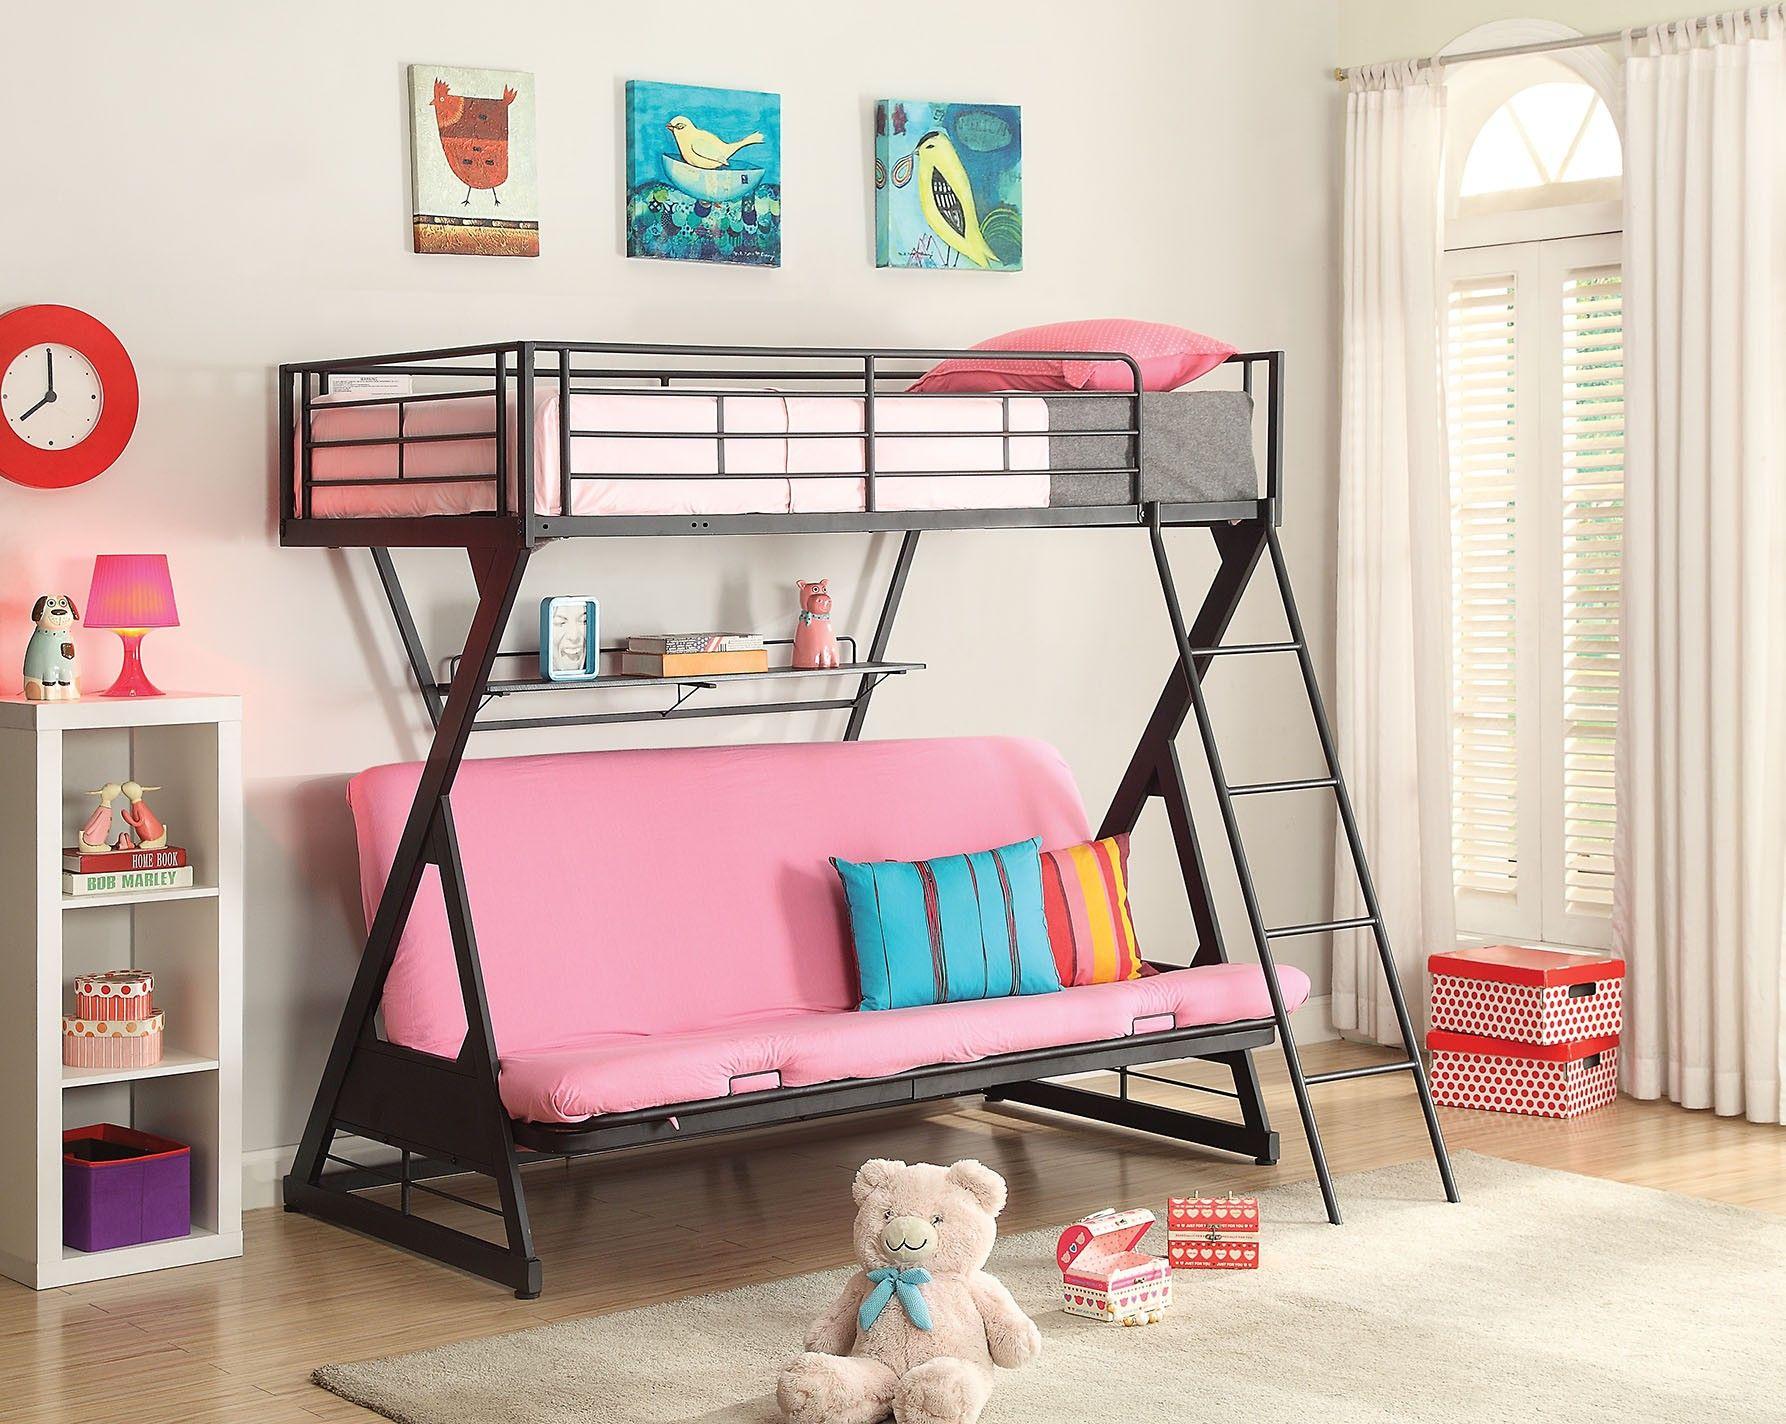 Zazie Full/Twin Size Futon Bunk Bed w/Bookshelf Futon